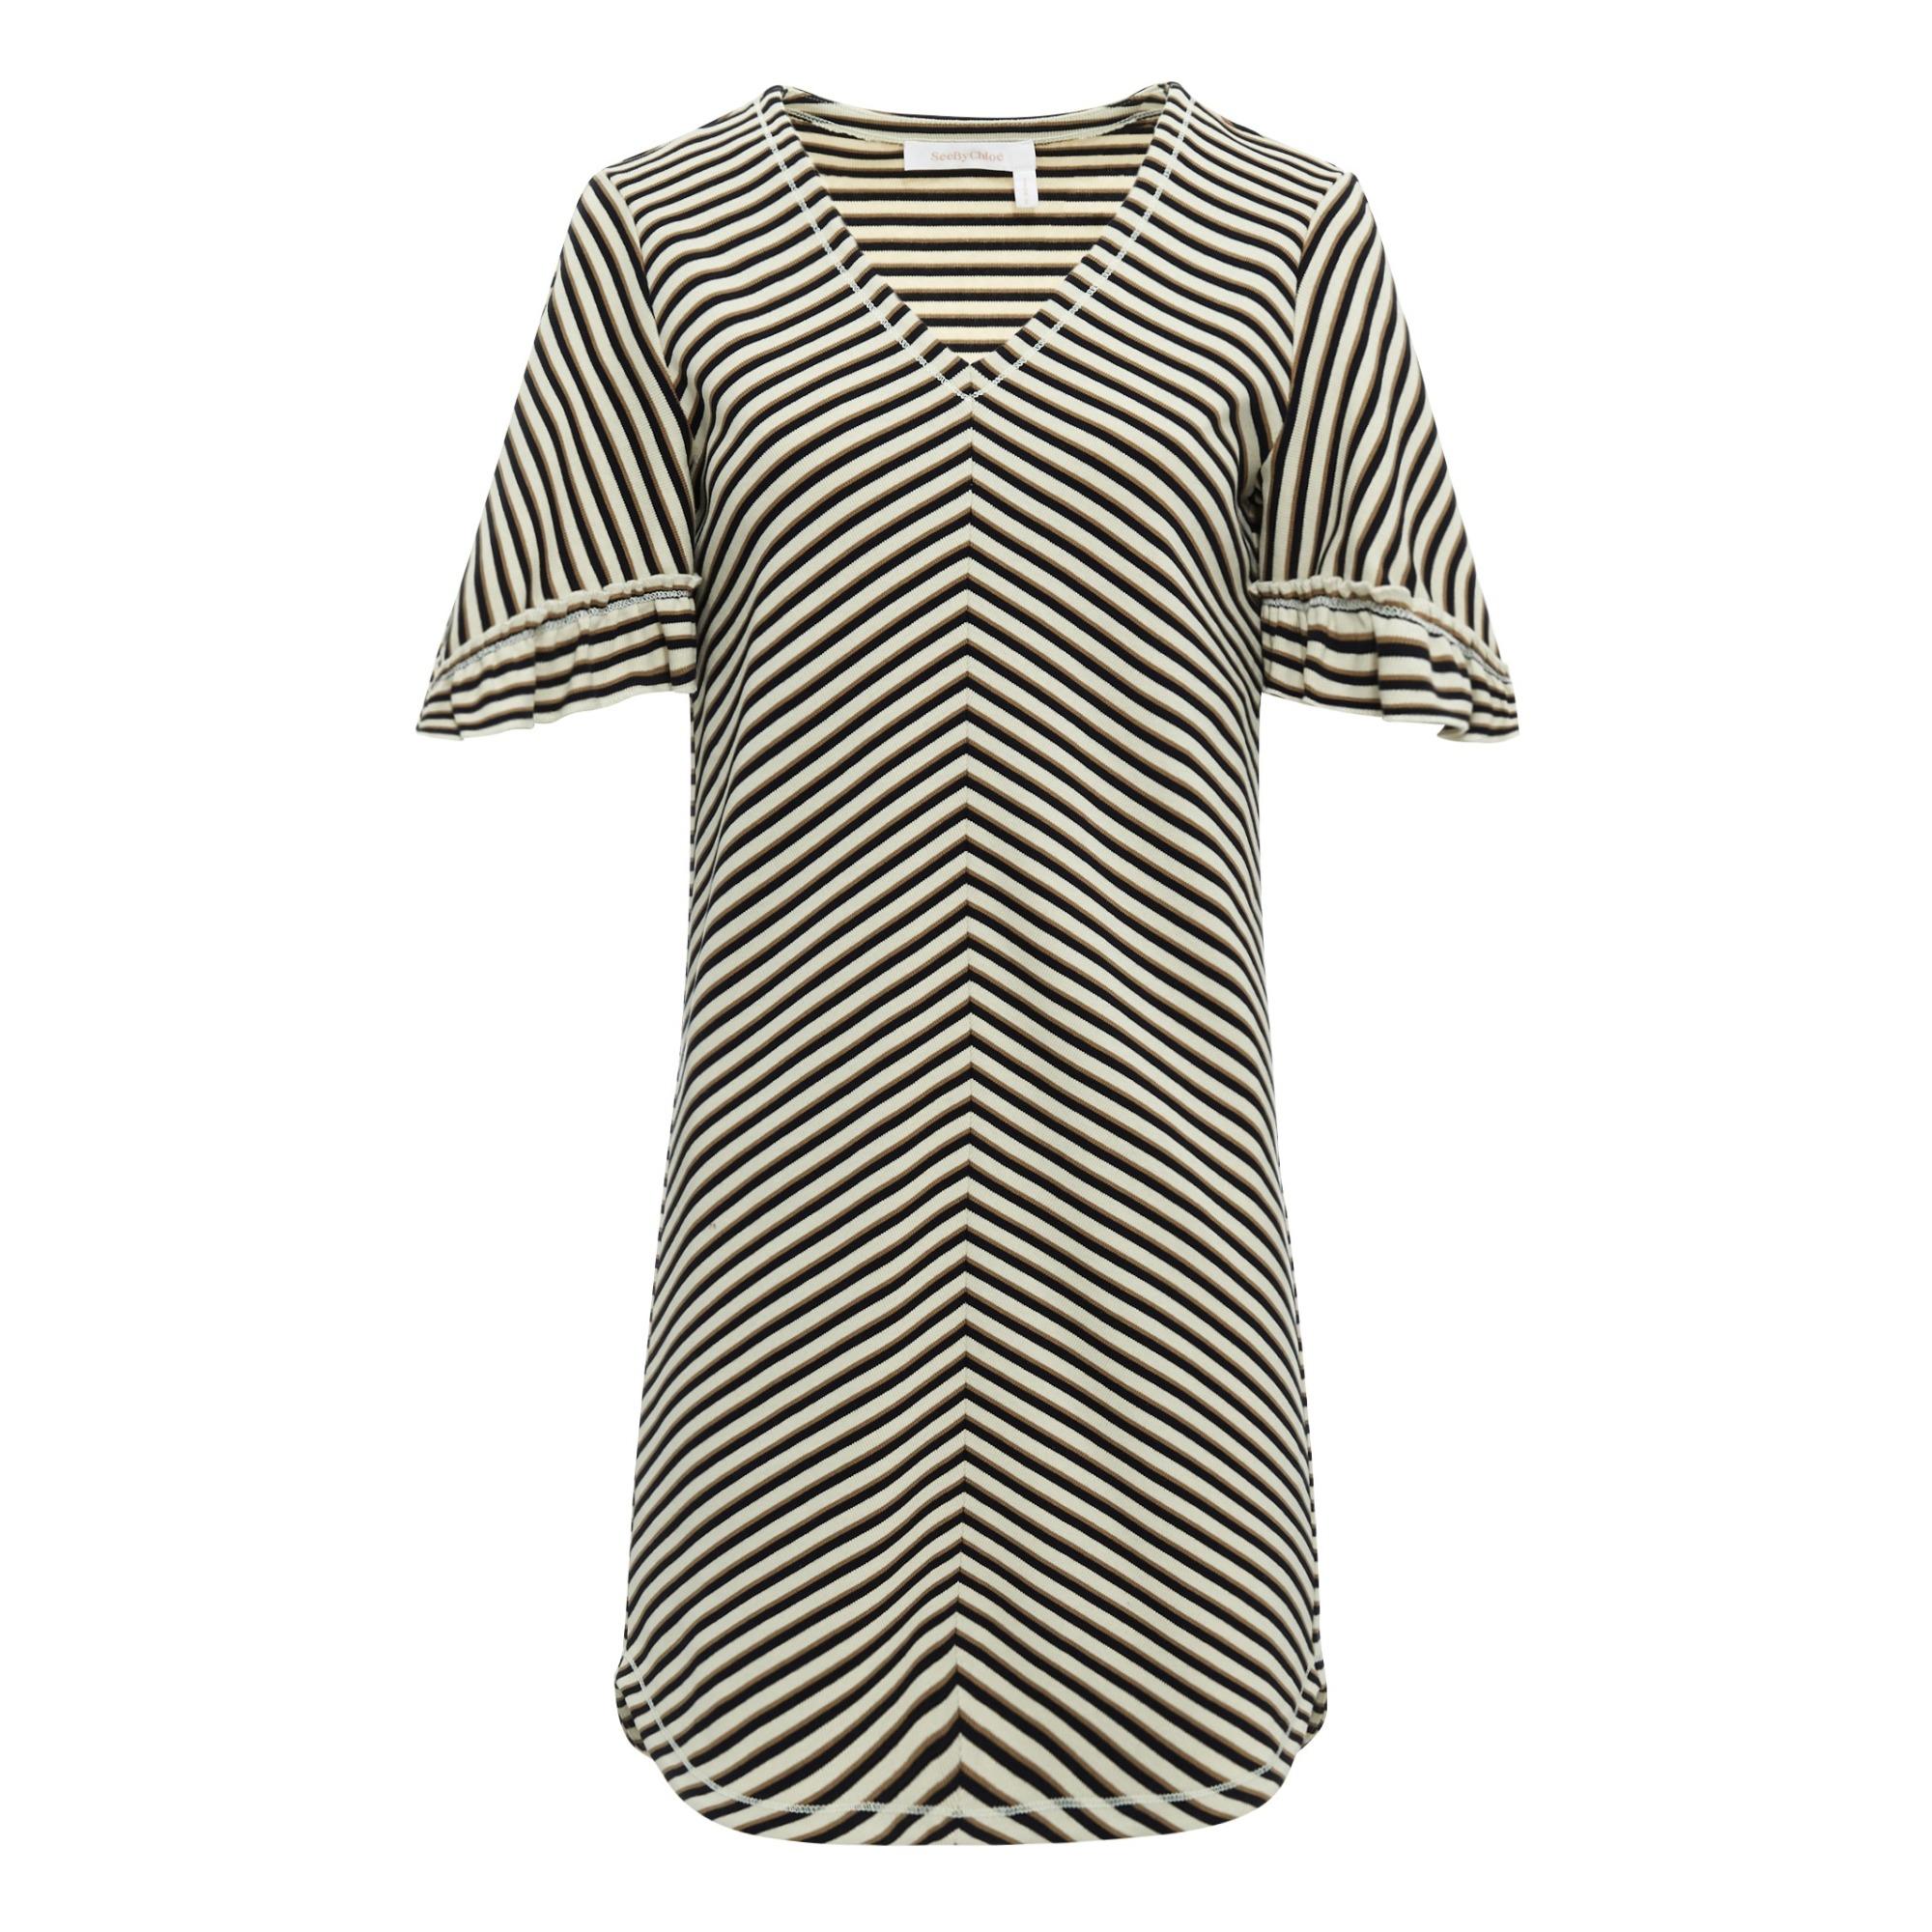 Jersey Kleid Empfehlung, Empfehlung 7685